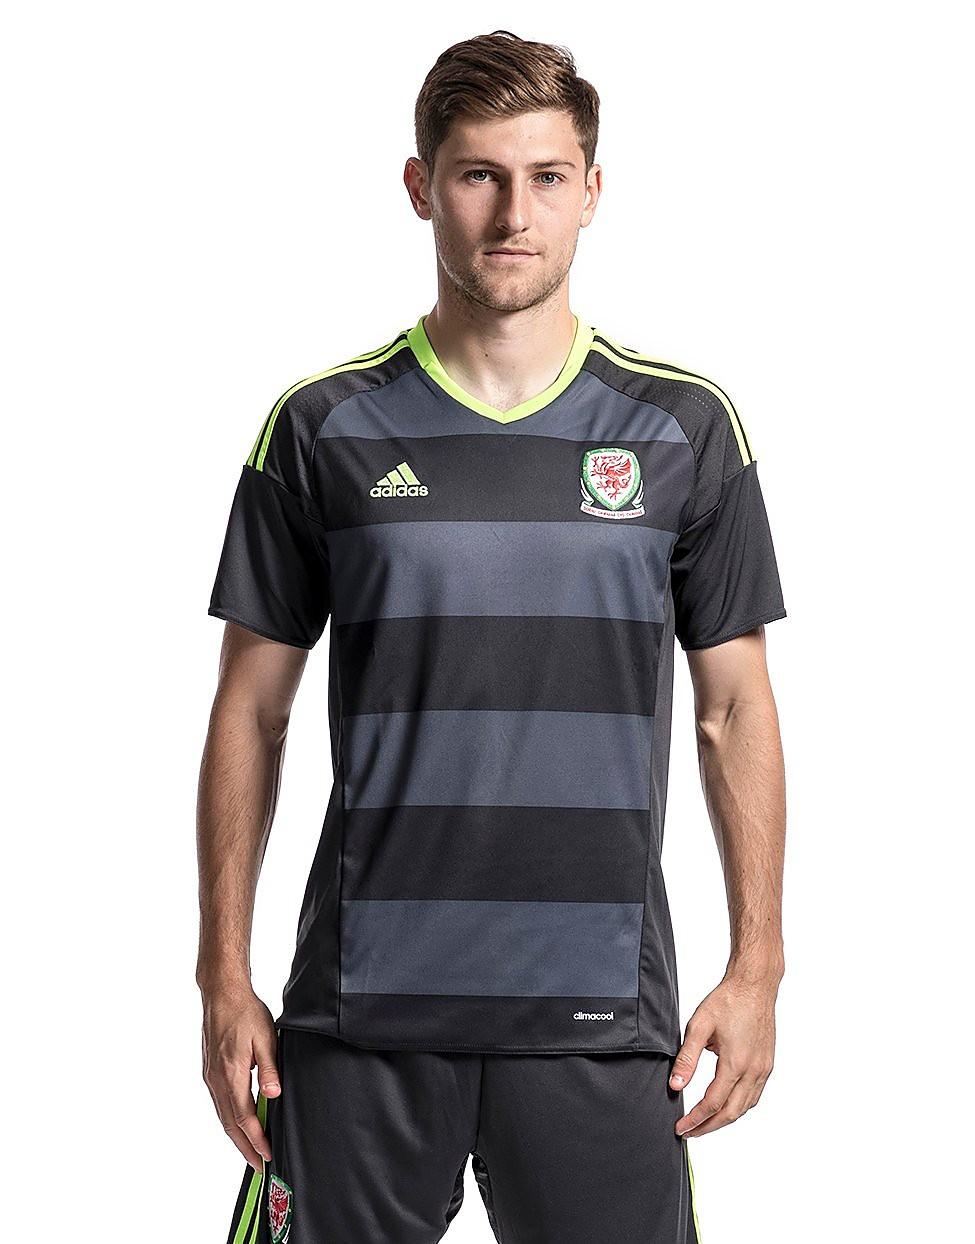 adidas FA Wales Away 2016 Shirt